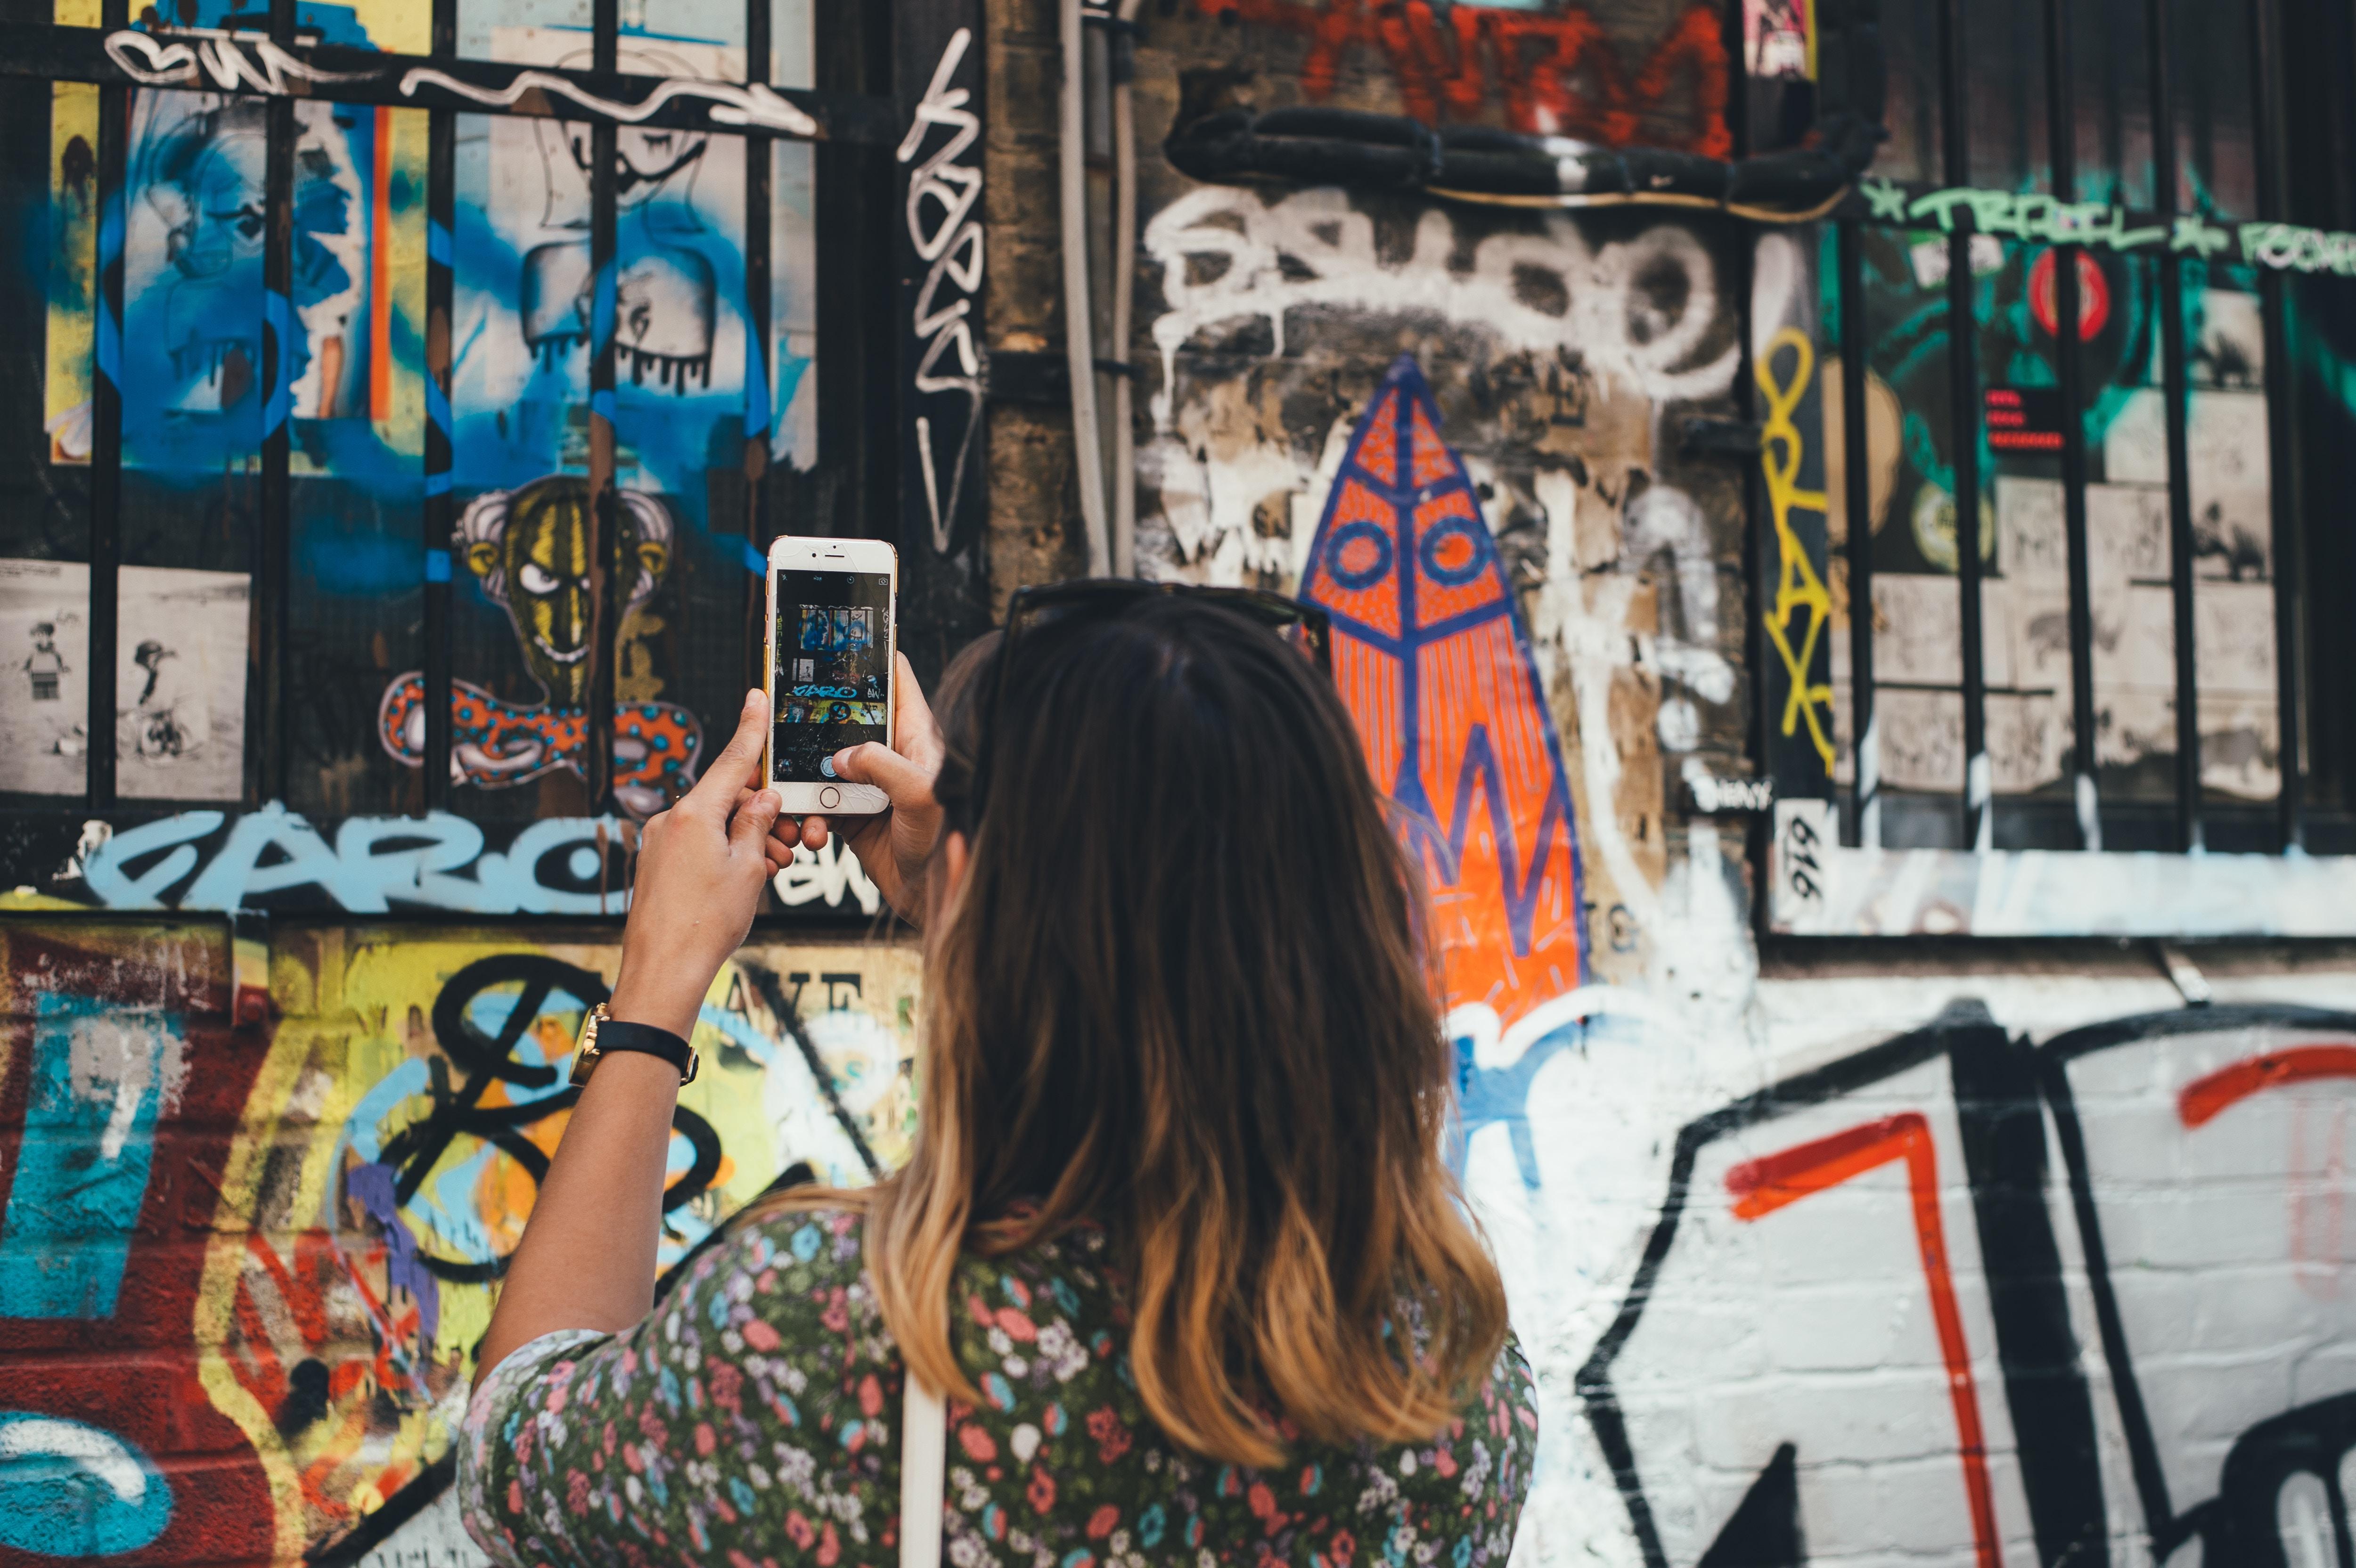 Imagen de la noticia Activ-arte por la diversidad en equidad: ciudadanía global, comunicación y alternativas a favor de la equidad de género y la diversidad cultural